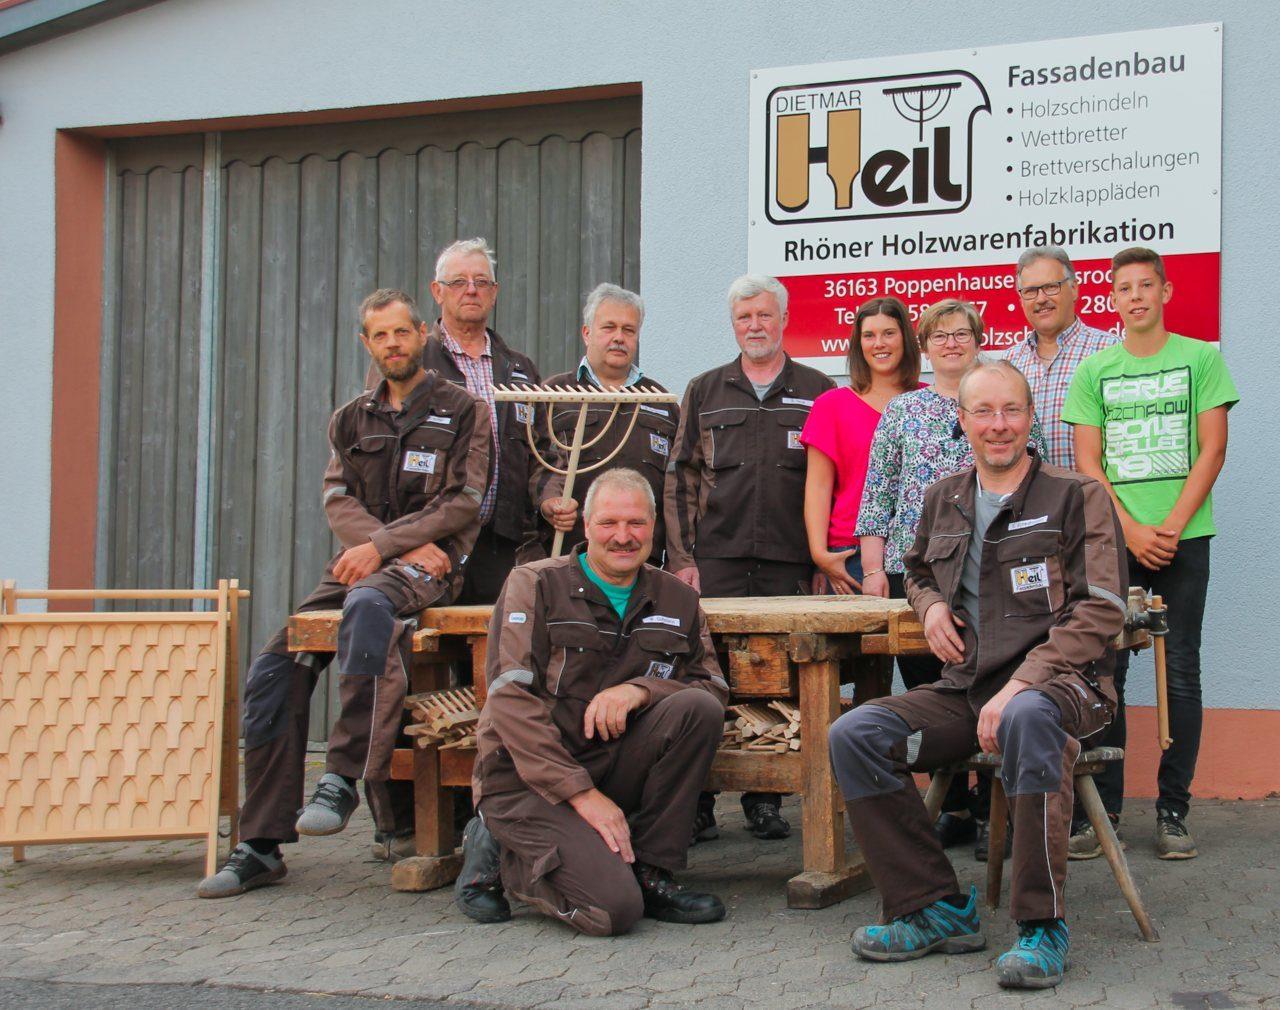 Das Team von Fassadenbau Heil aus Abdsroda